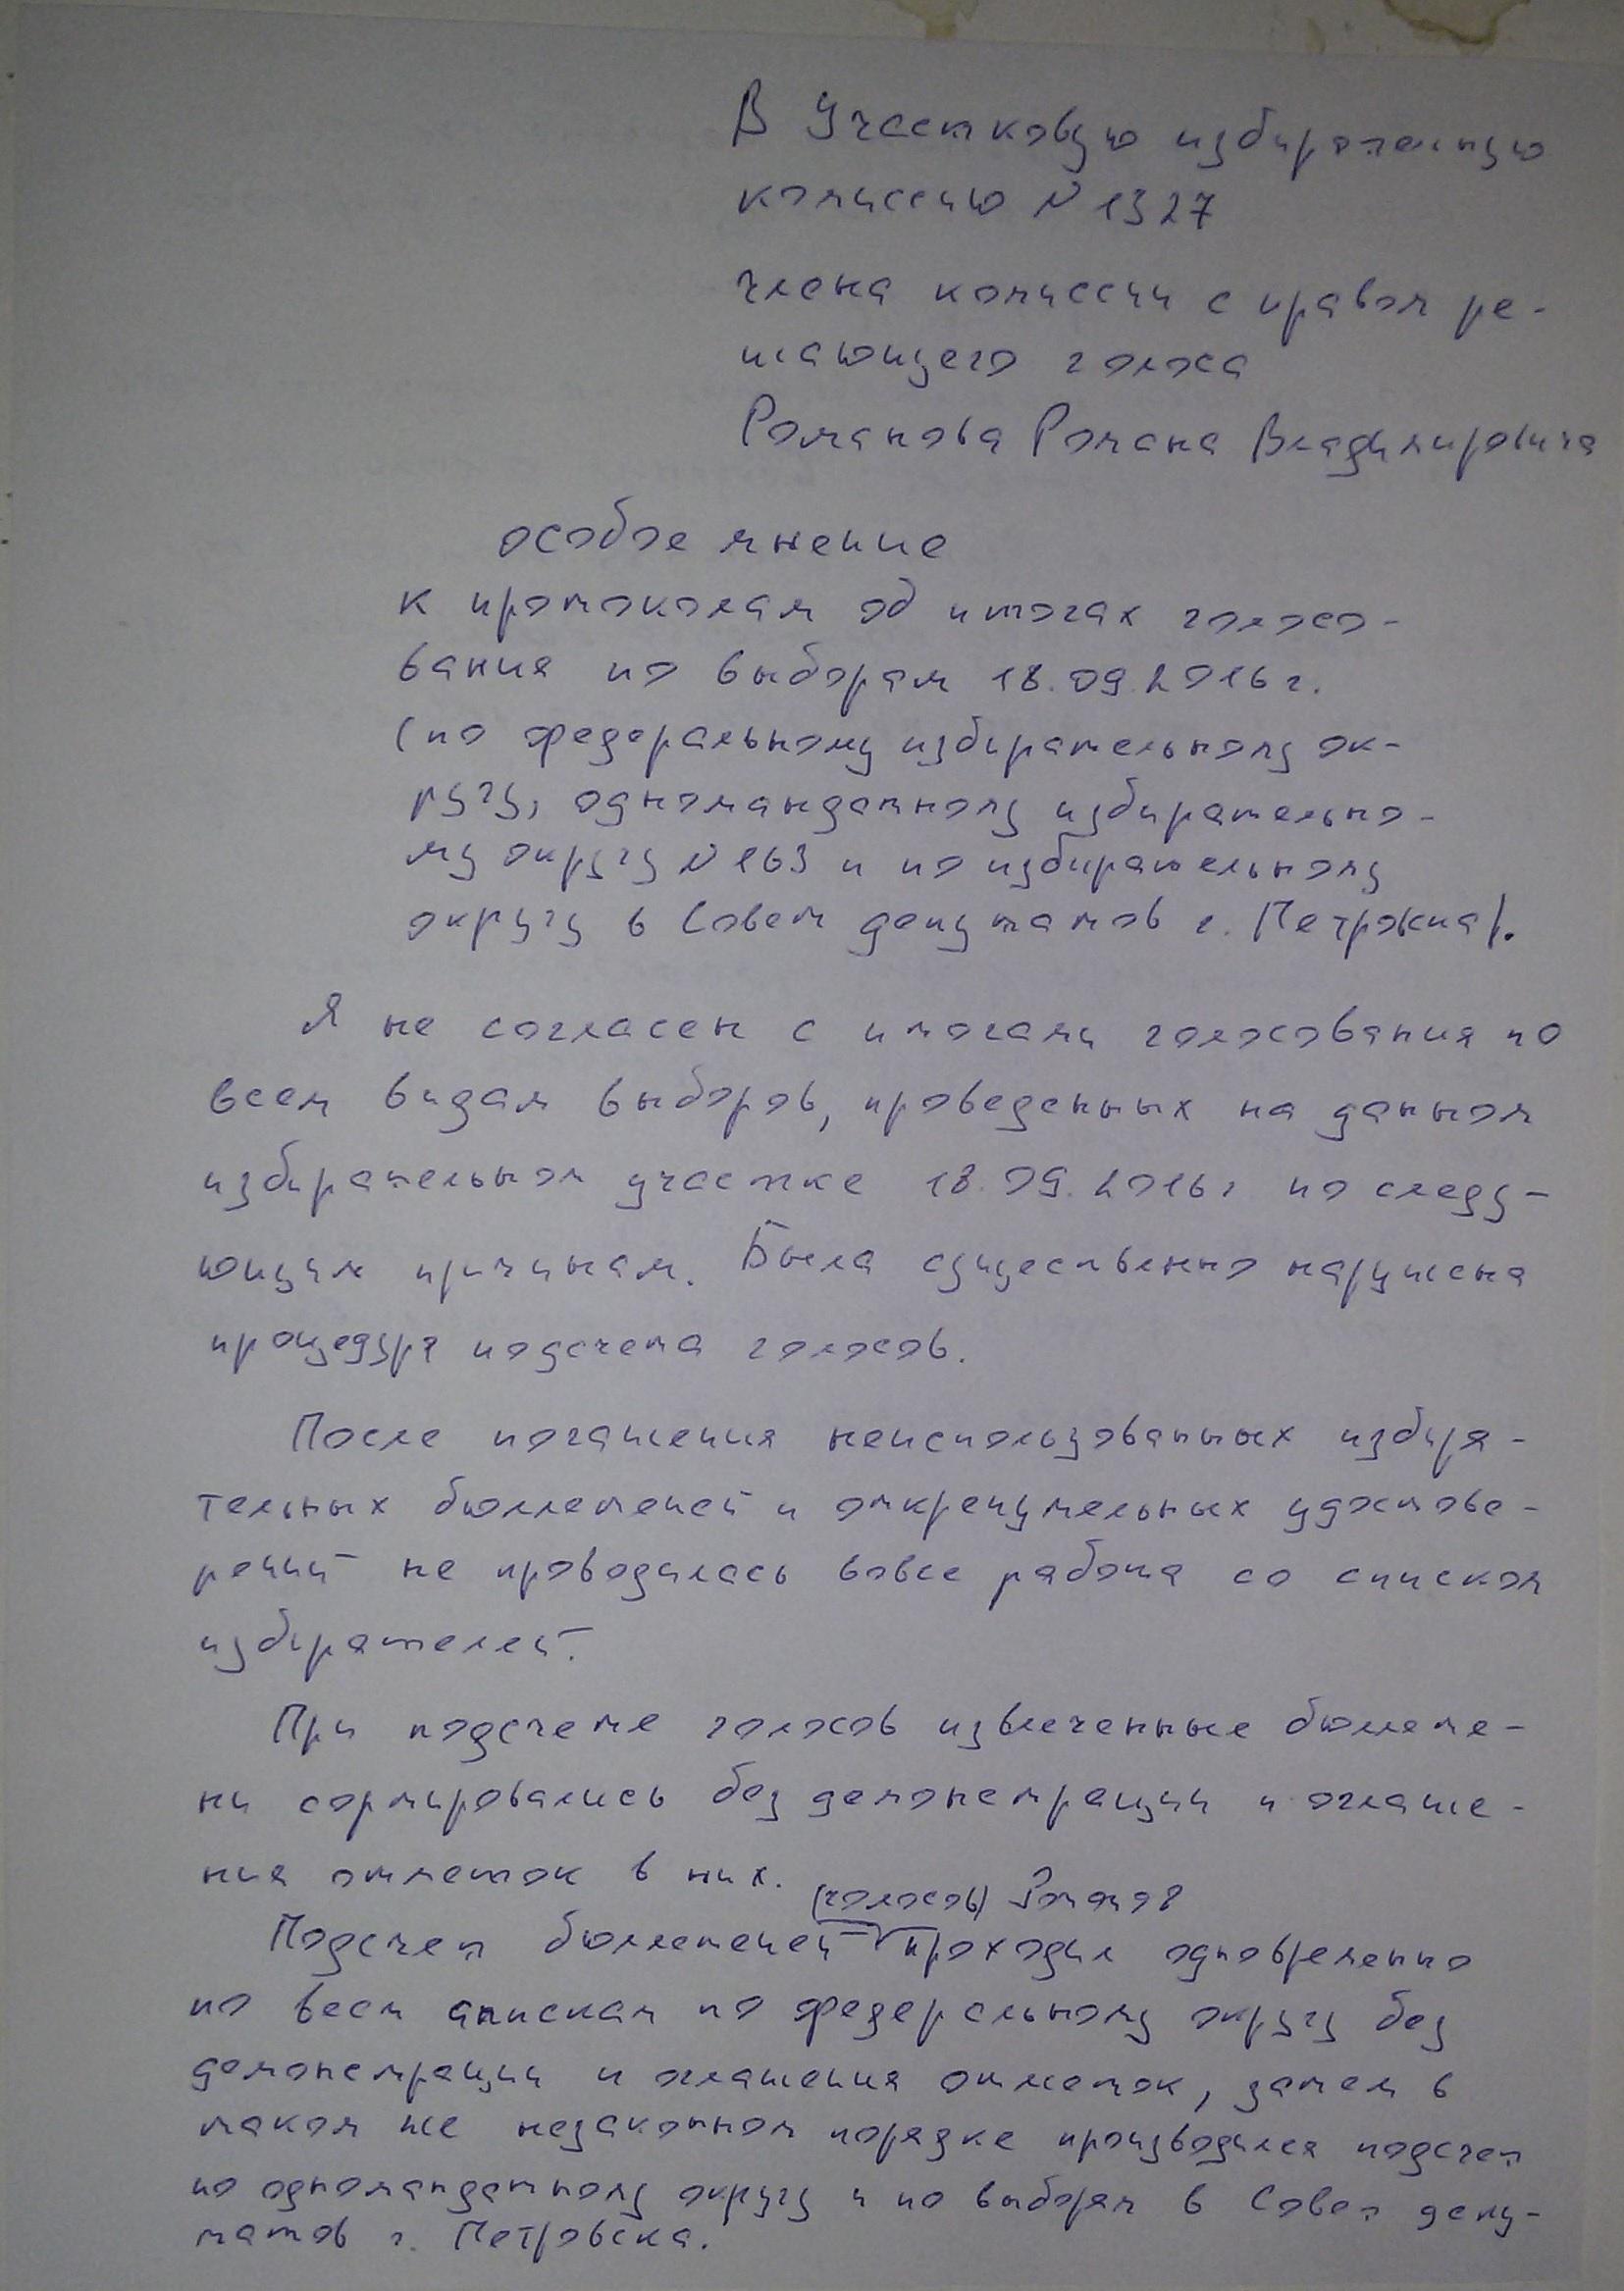 Член избирательной комиссии написал данные моего паспорта на другого человека в списке избирателей